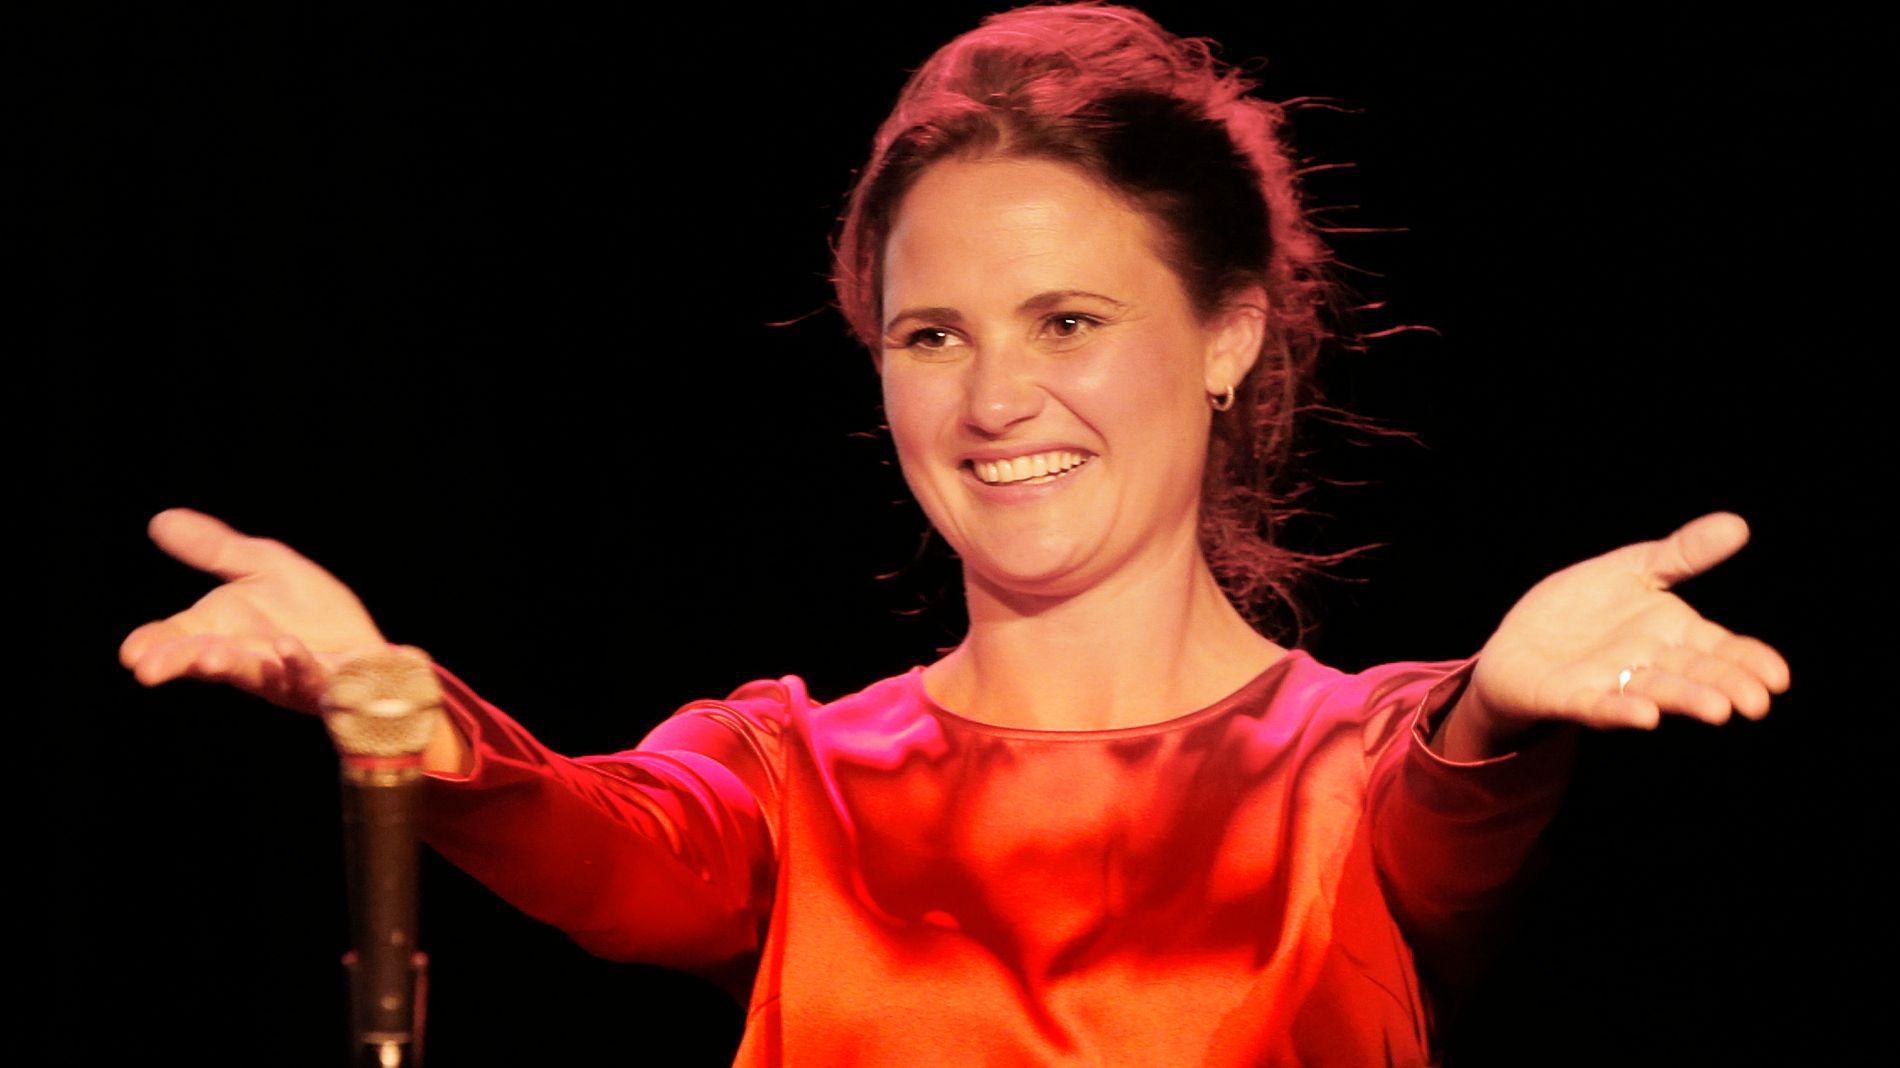 NY ORDFØRER: Kari Nessa Nordtun (Ap) tar over makten i Stavanger, med en bred koalisjon i ryggen. Hun blir første ordfører utenfor Høyre siden hennes egen far Tore i 1993.